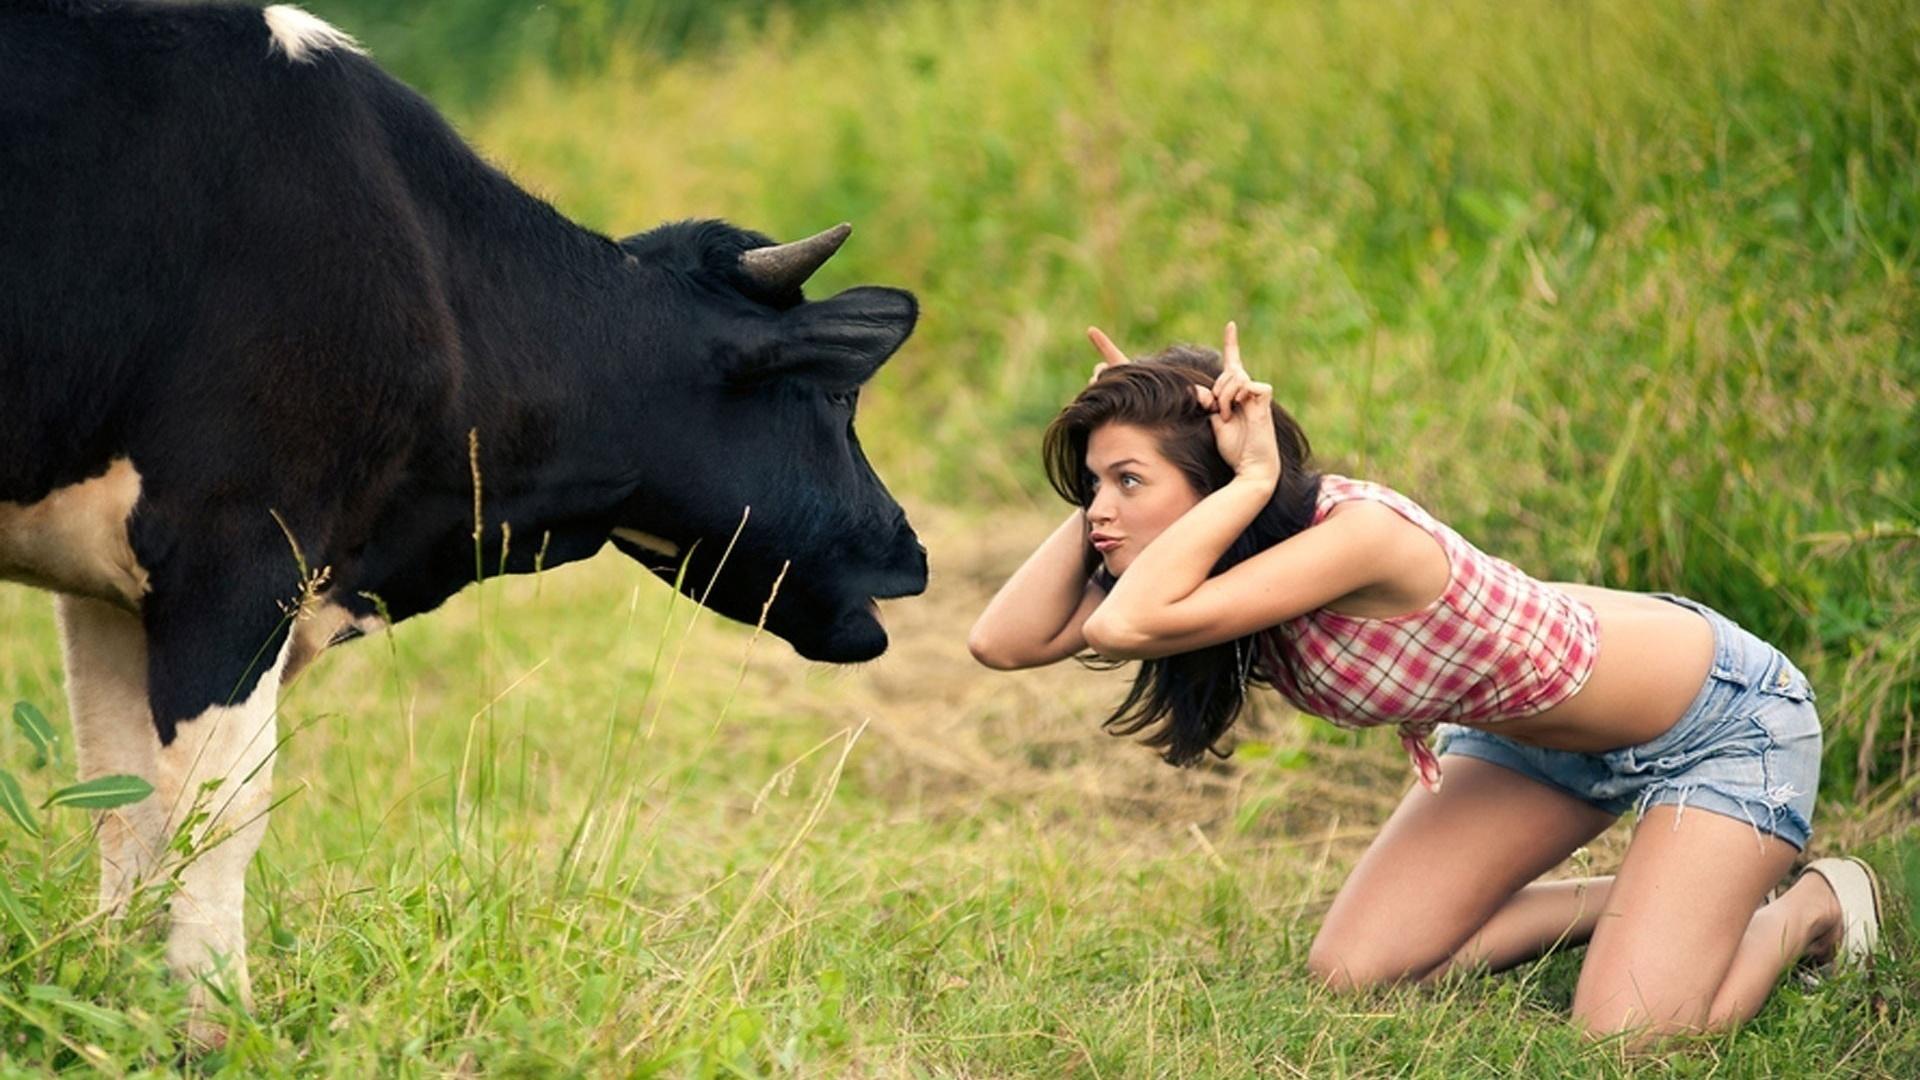 Wallpaper girl sex cow hardcore scene